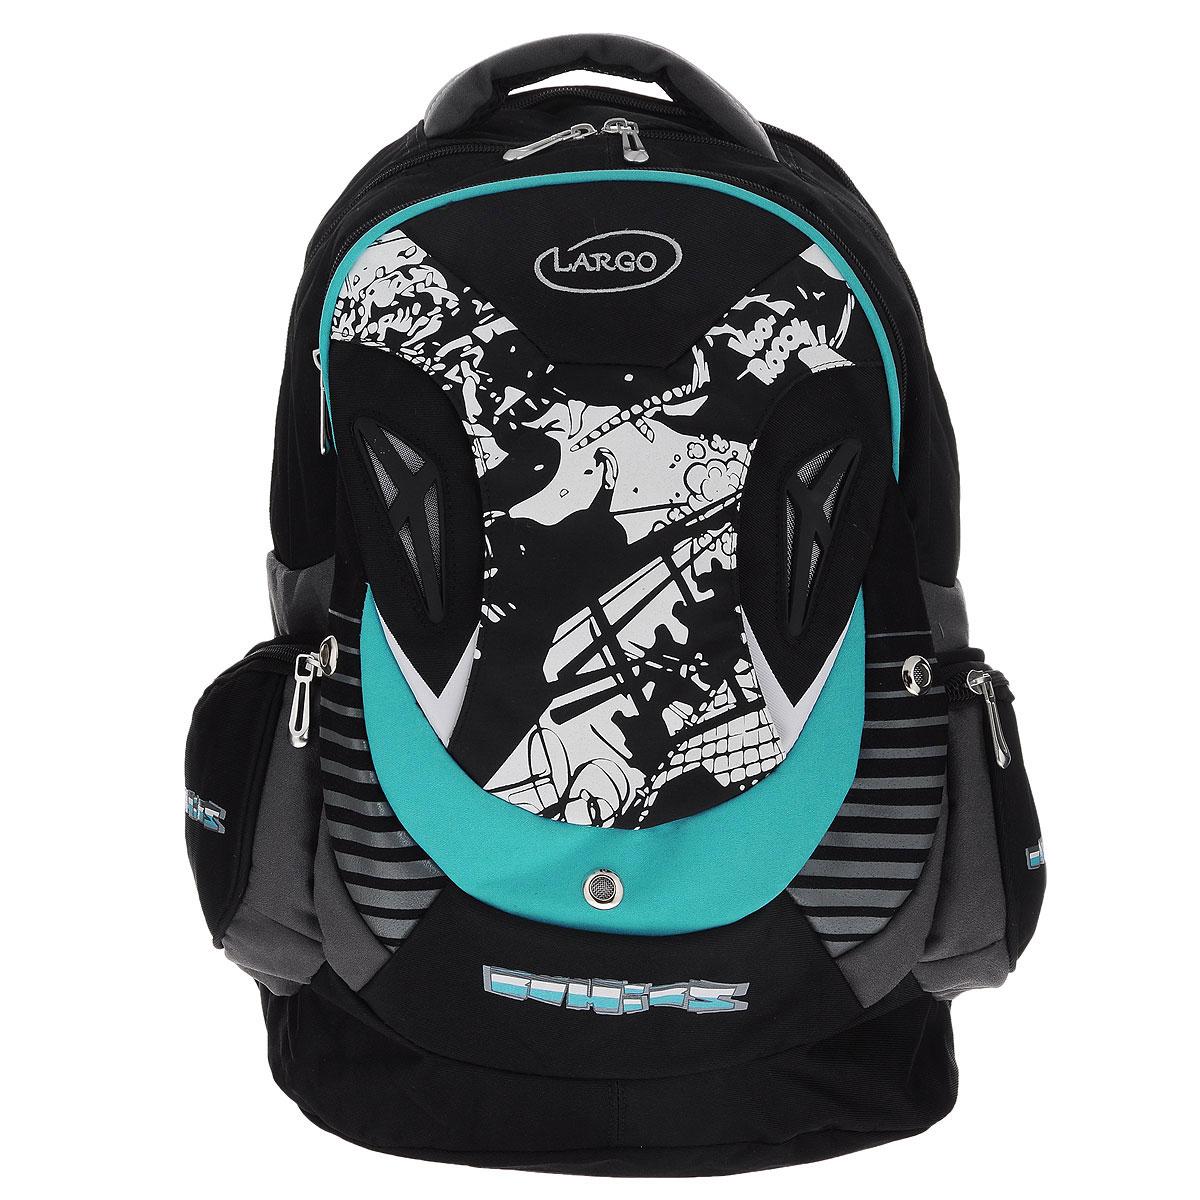 Рюкзак молодежный Proff Largo, цвет: черный, серый, голубой. LB-BPA-17MHBB-RT3-880Рюкзак молодежный Proff Largo сочетает в себе современный дизайн, функциональность и долговечность.Онвыполнен из водонепроницаемого, морозоустойчивого материла черного, серого и голубого цветов. Рюкзак состоит из двух вместительных отделений, закрывающихся на застежки-молнии. Изделие имеет два накладныхбоковых кармана, закрывающиеся на молнии. Конструкция спинки дополнена двумя эргономичными подушечками ипротивоскользящей сеточкой для предотвращения запотевания спины. Мягкие широкие лямки позволяют легко ибыстро отрегулировать рюкзак в соответствии с ростом. Рюкзак оснащен удобной текстильной ручкой дляпереноски в руке.Этот рюкзак можно использовать для повседневных прогулок, отдыха и спорта, а также какэлемент вашего имиджа.